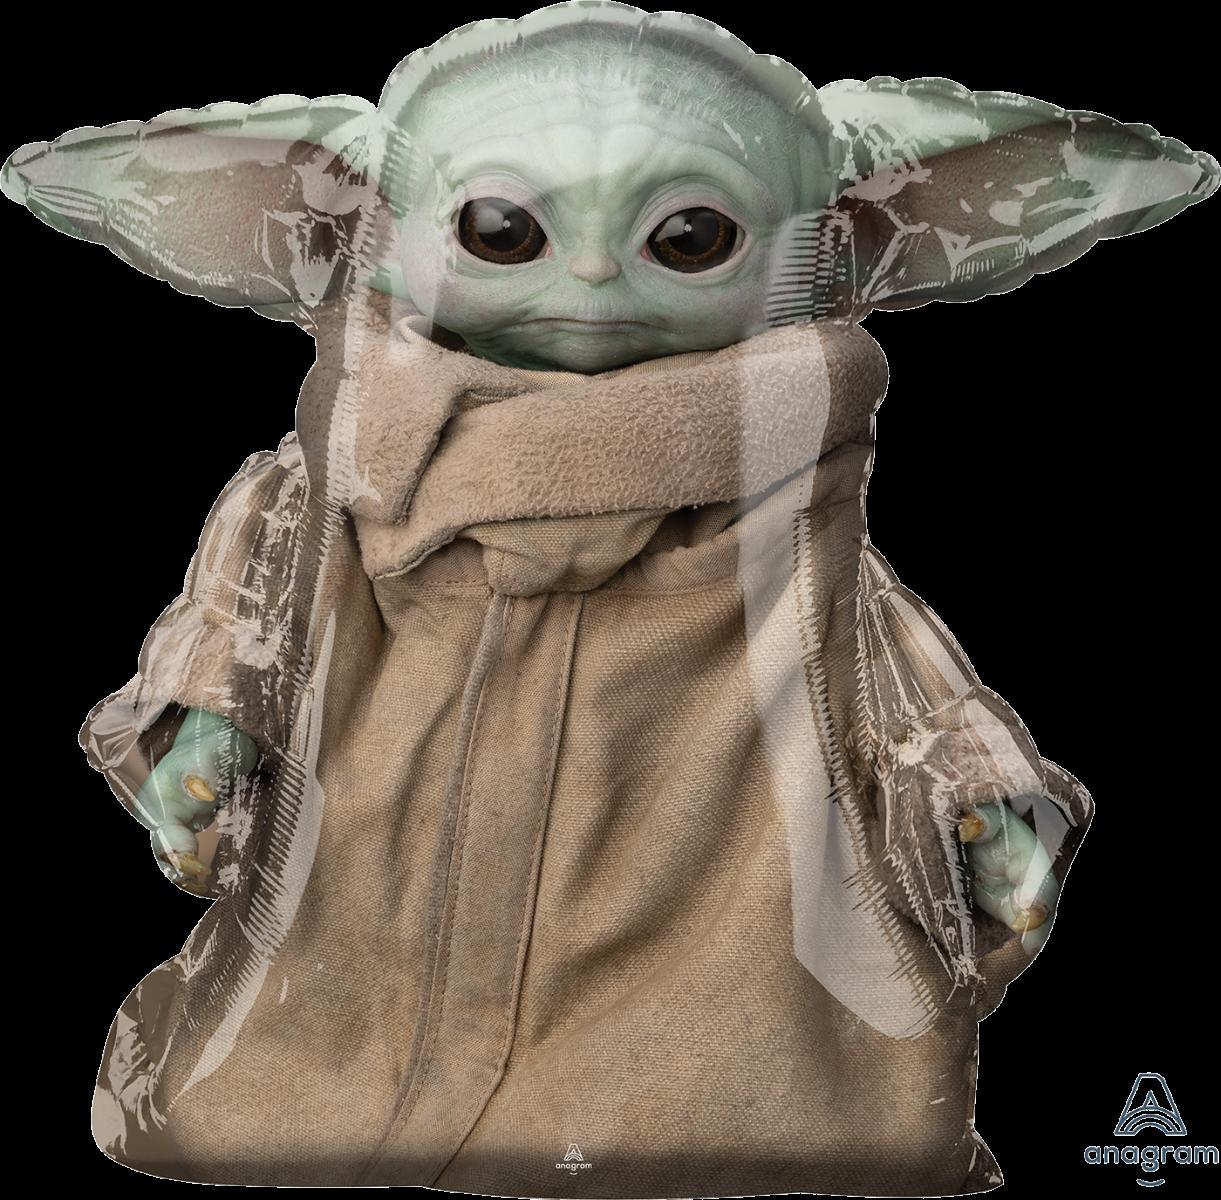 """A 31"""" Ходячка Star Wars Mandalorian Child Airwalker. Фольгированный шар Йода из Звездных войн, В УП"""